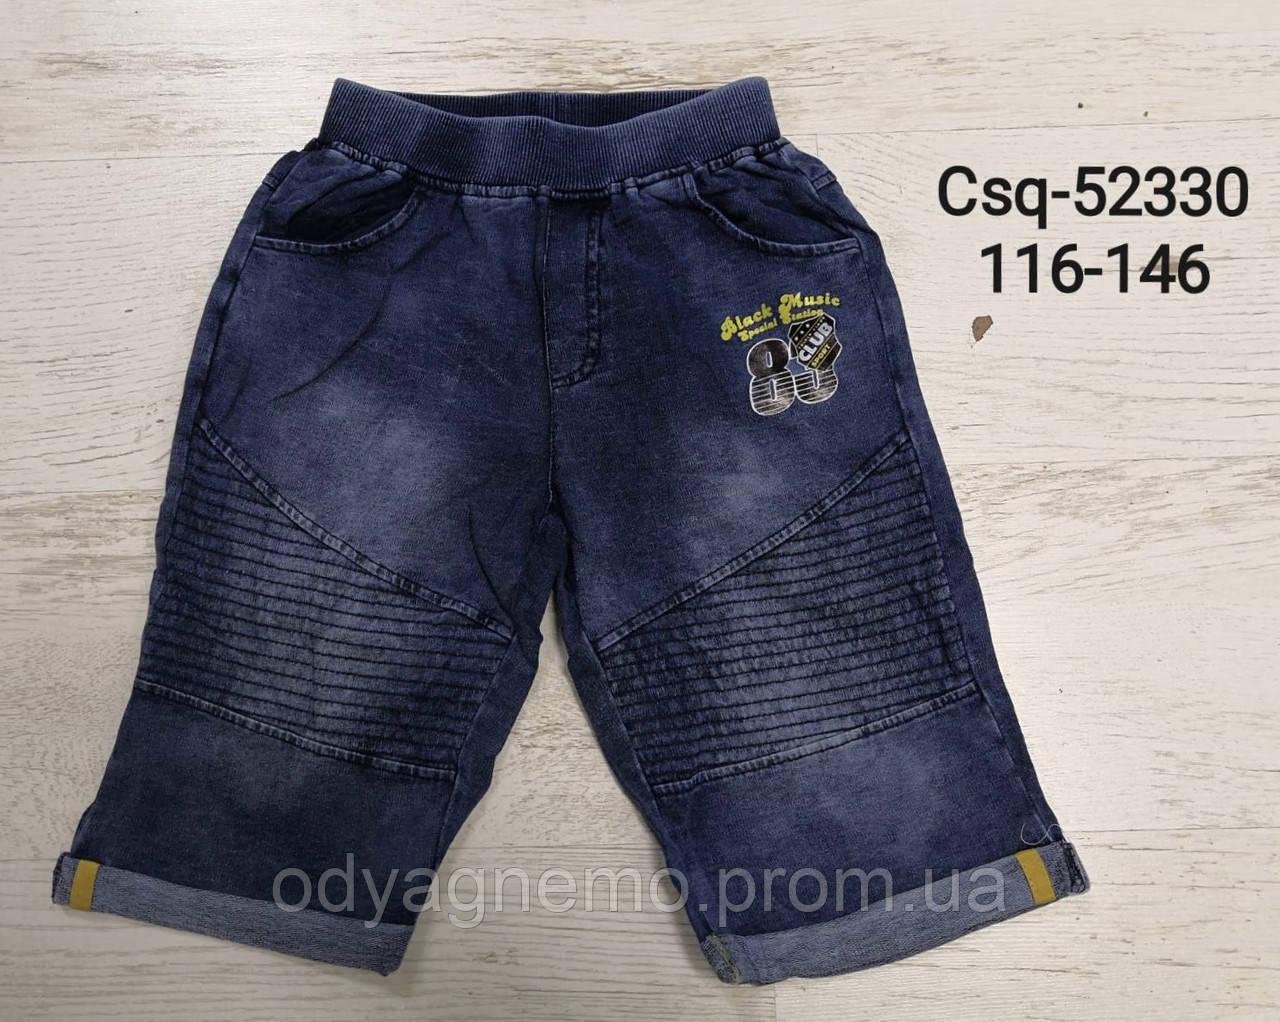 Шорты с имитацией джинсы для мальчиков Seagull, 116-146 рр. Артикул: CSQ52330